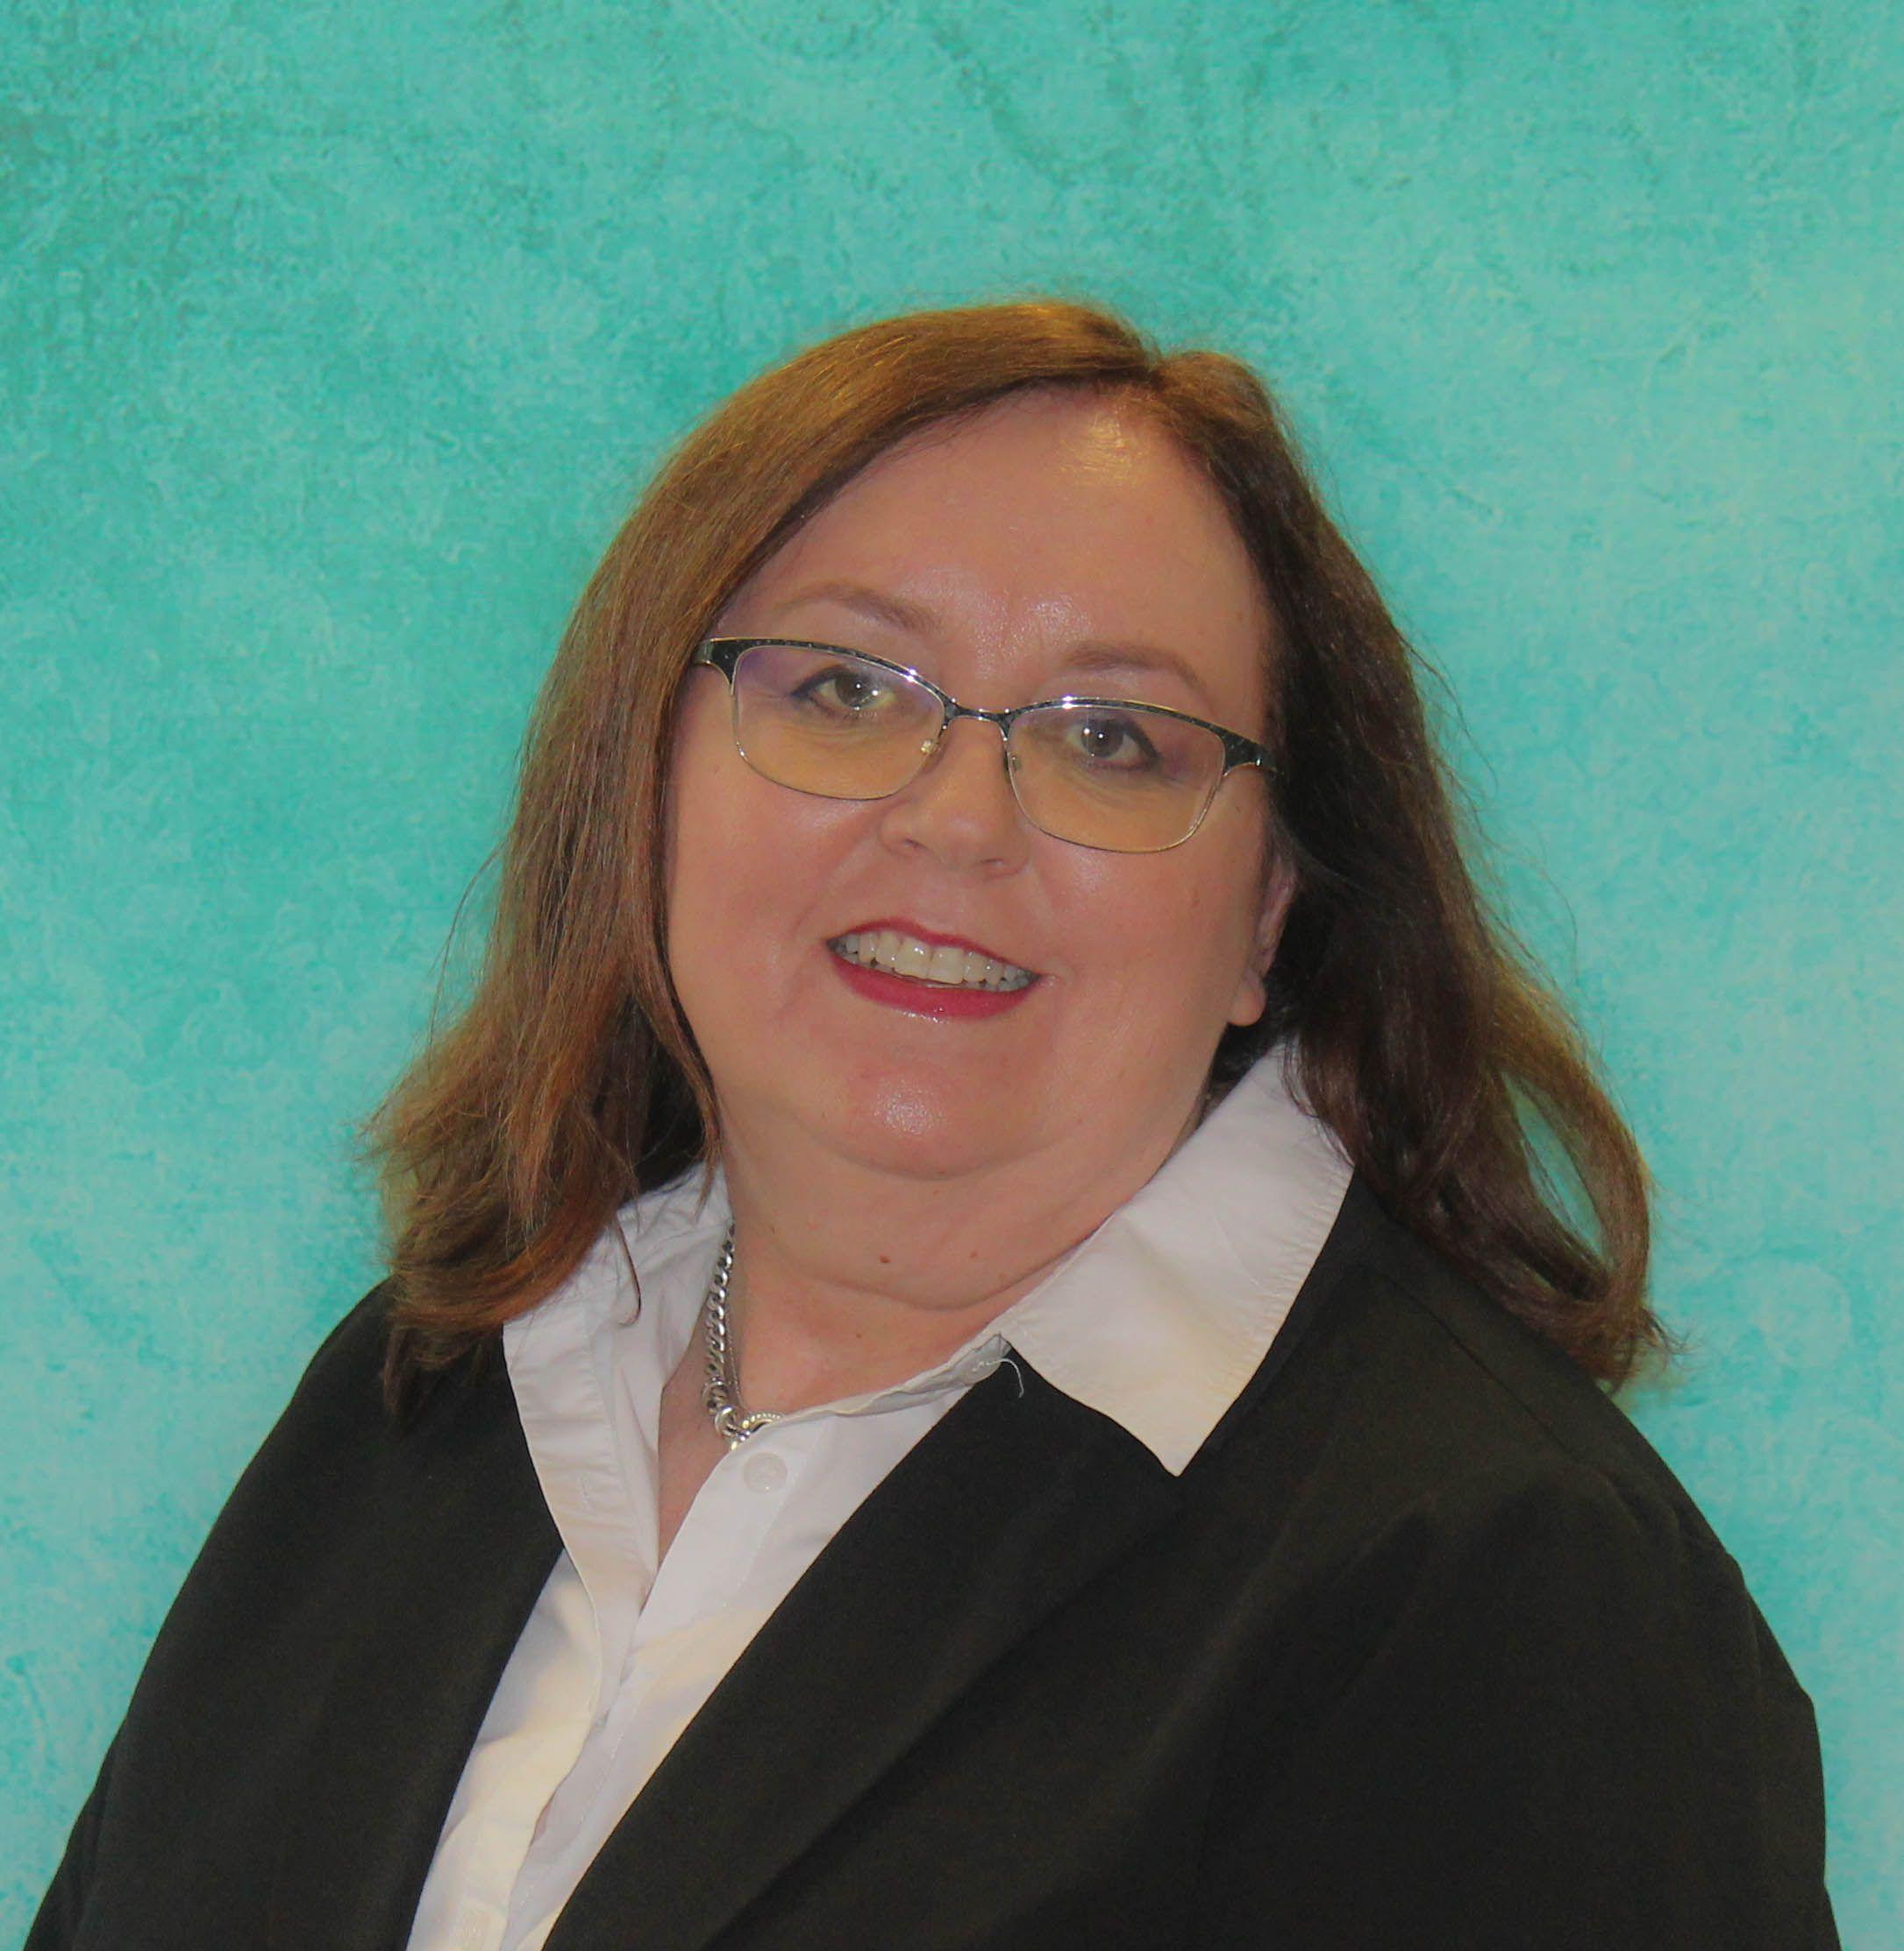 Stephanie Honeyman, Executive Director